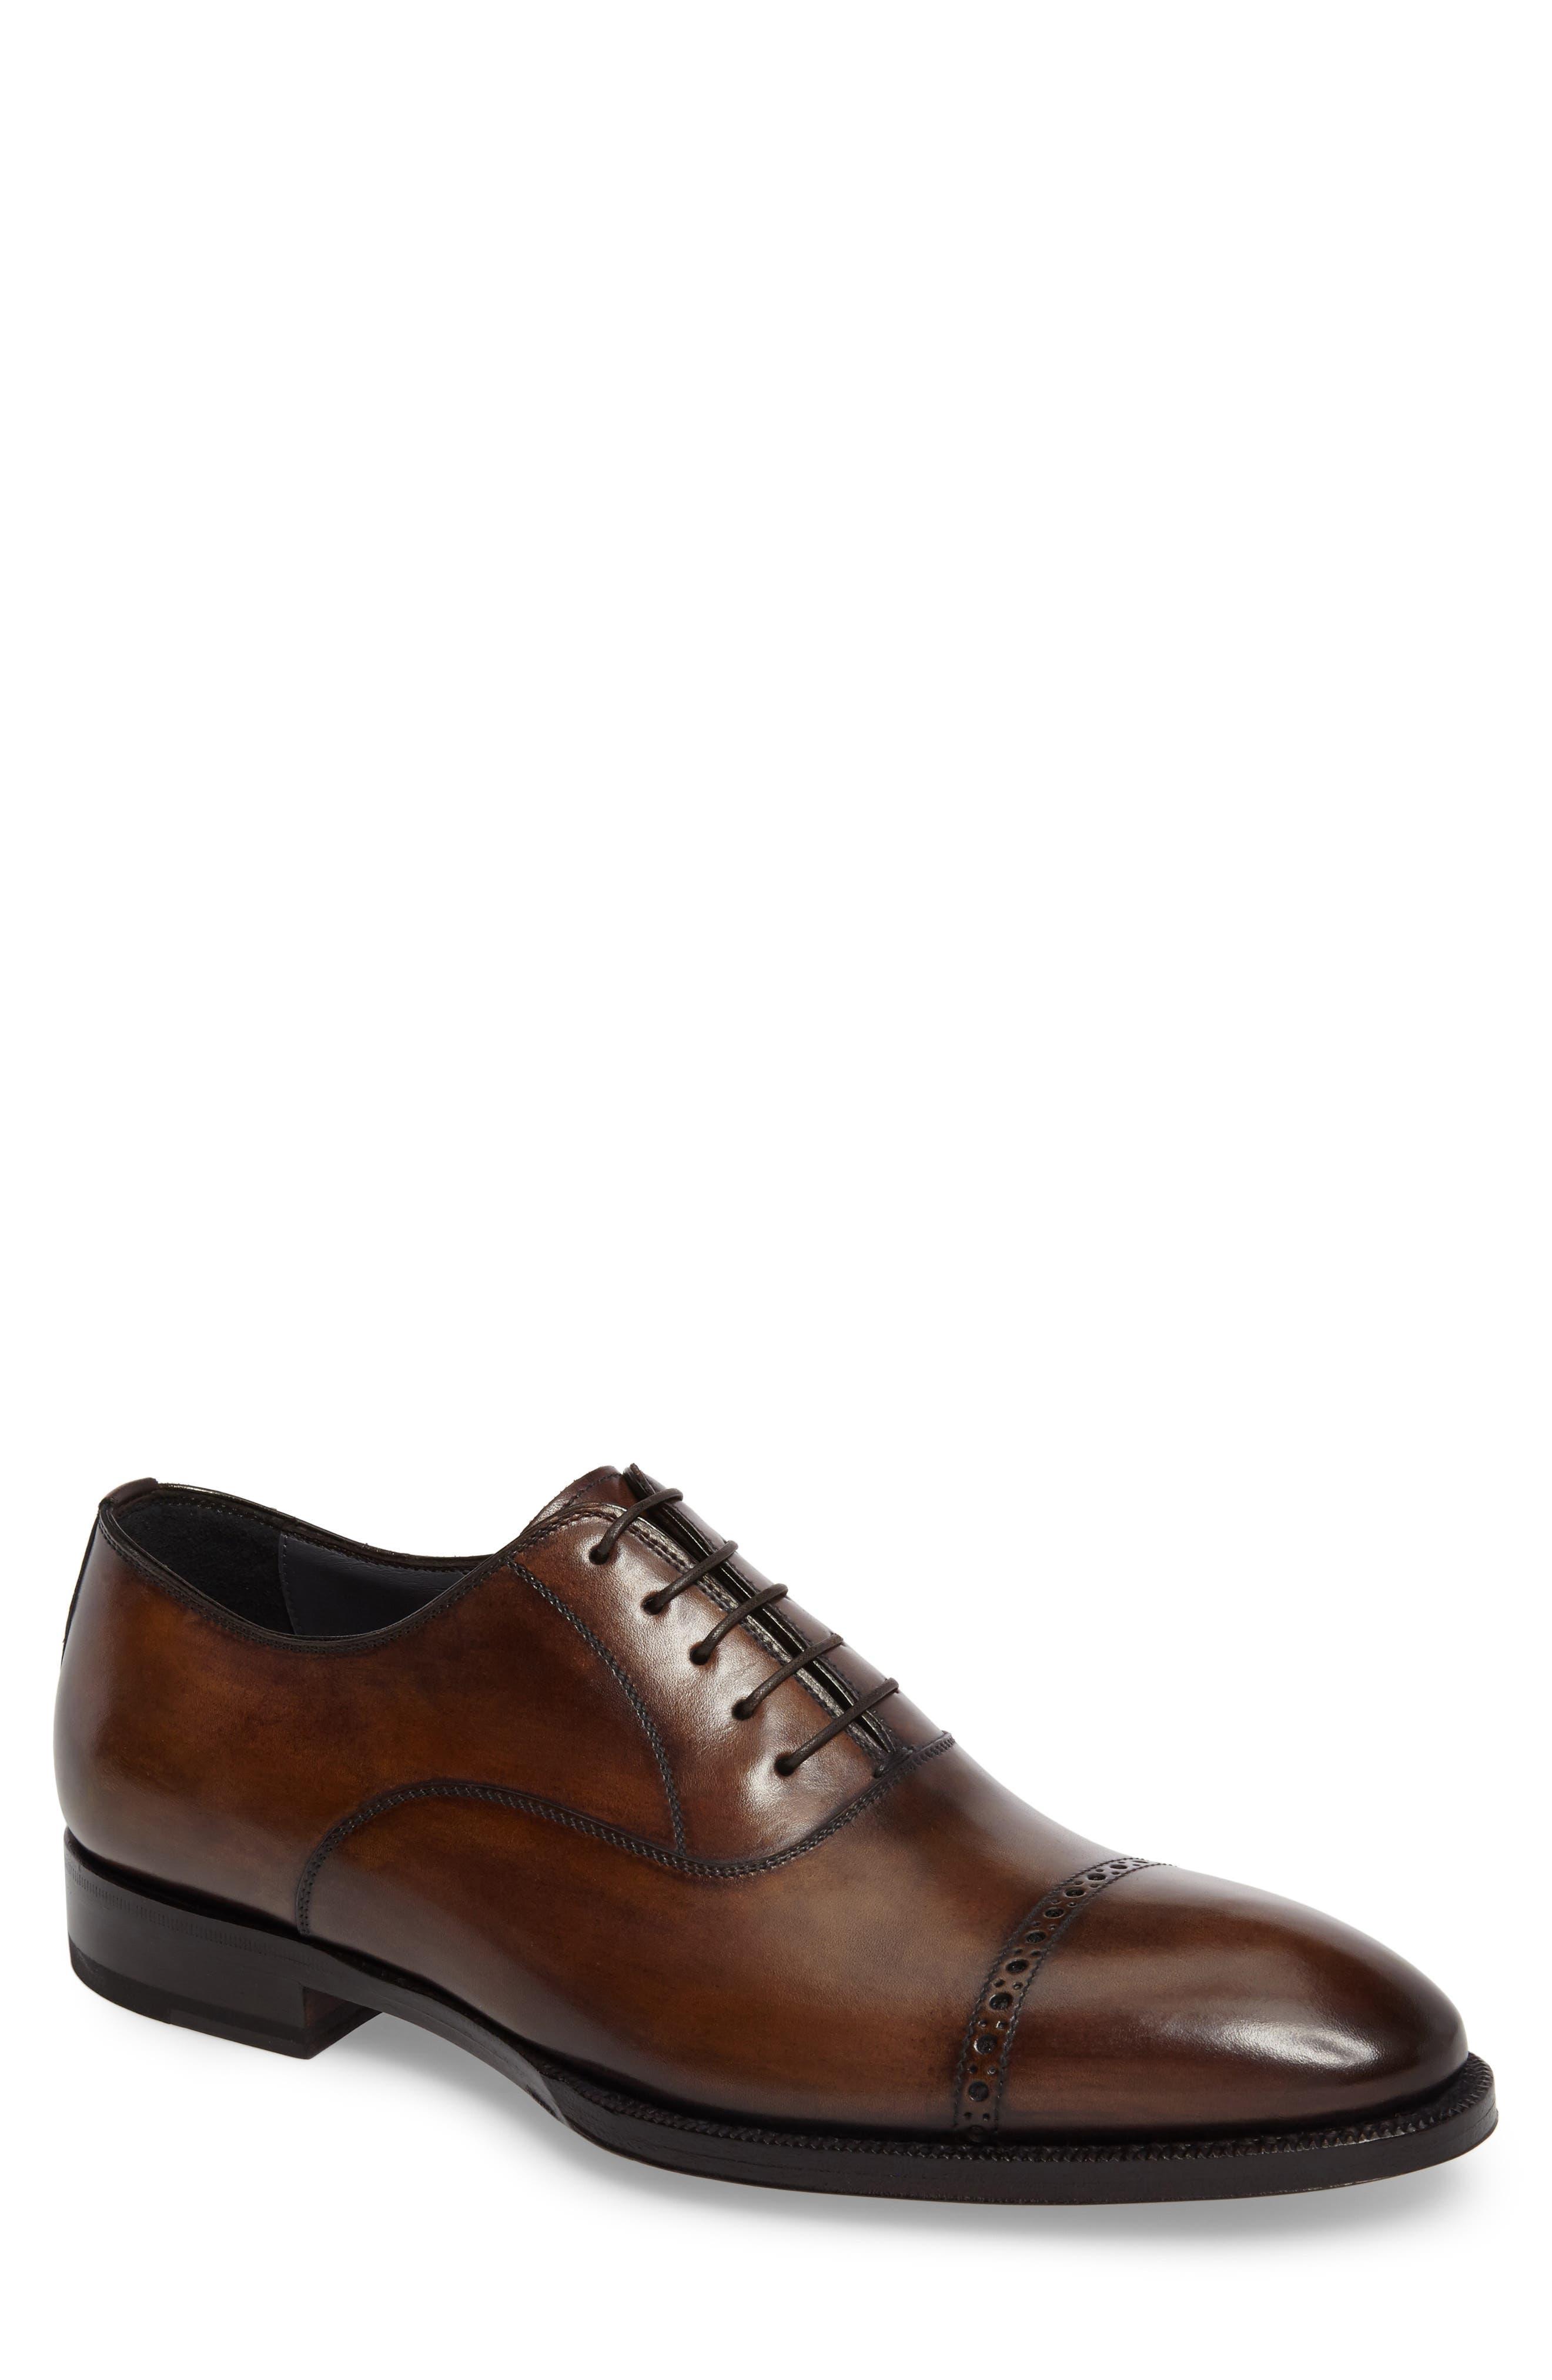 DiGallo Bianco Cap Toe Oxford,                         Main,                         color, Zenzero Leather